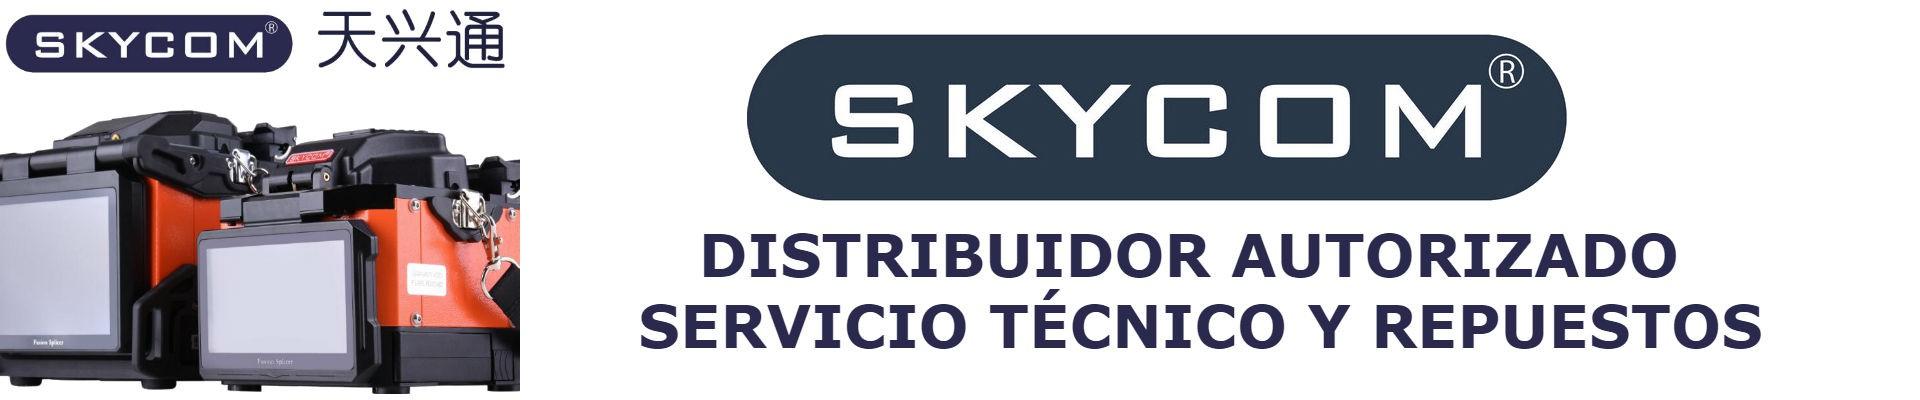 Distribuidor autorizado y servicio tecnico SKYCOM